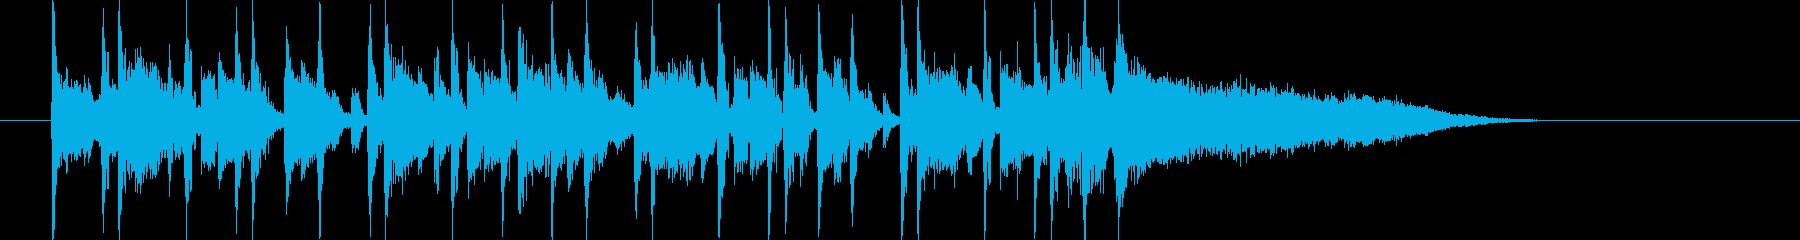 ミディアムテンポのテクノミュージックの再生済みの波形